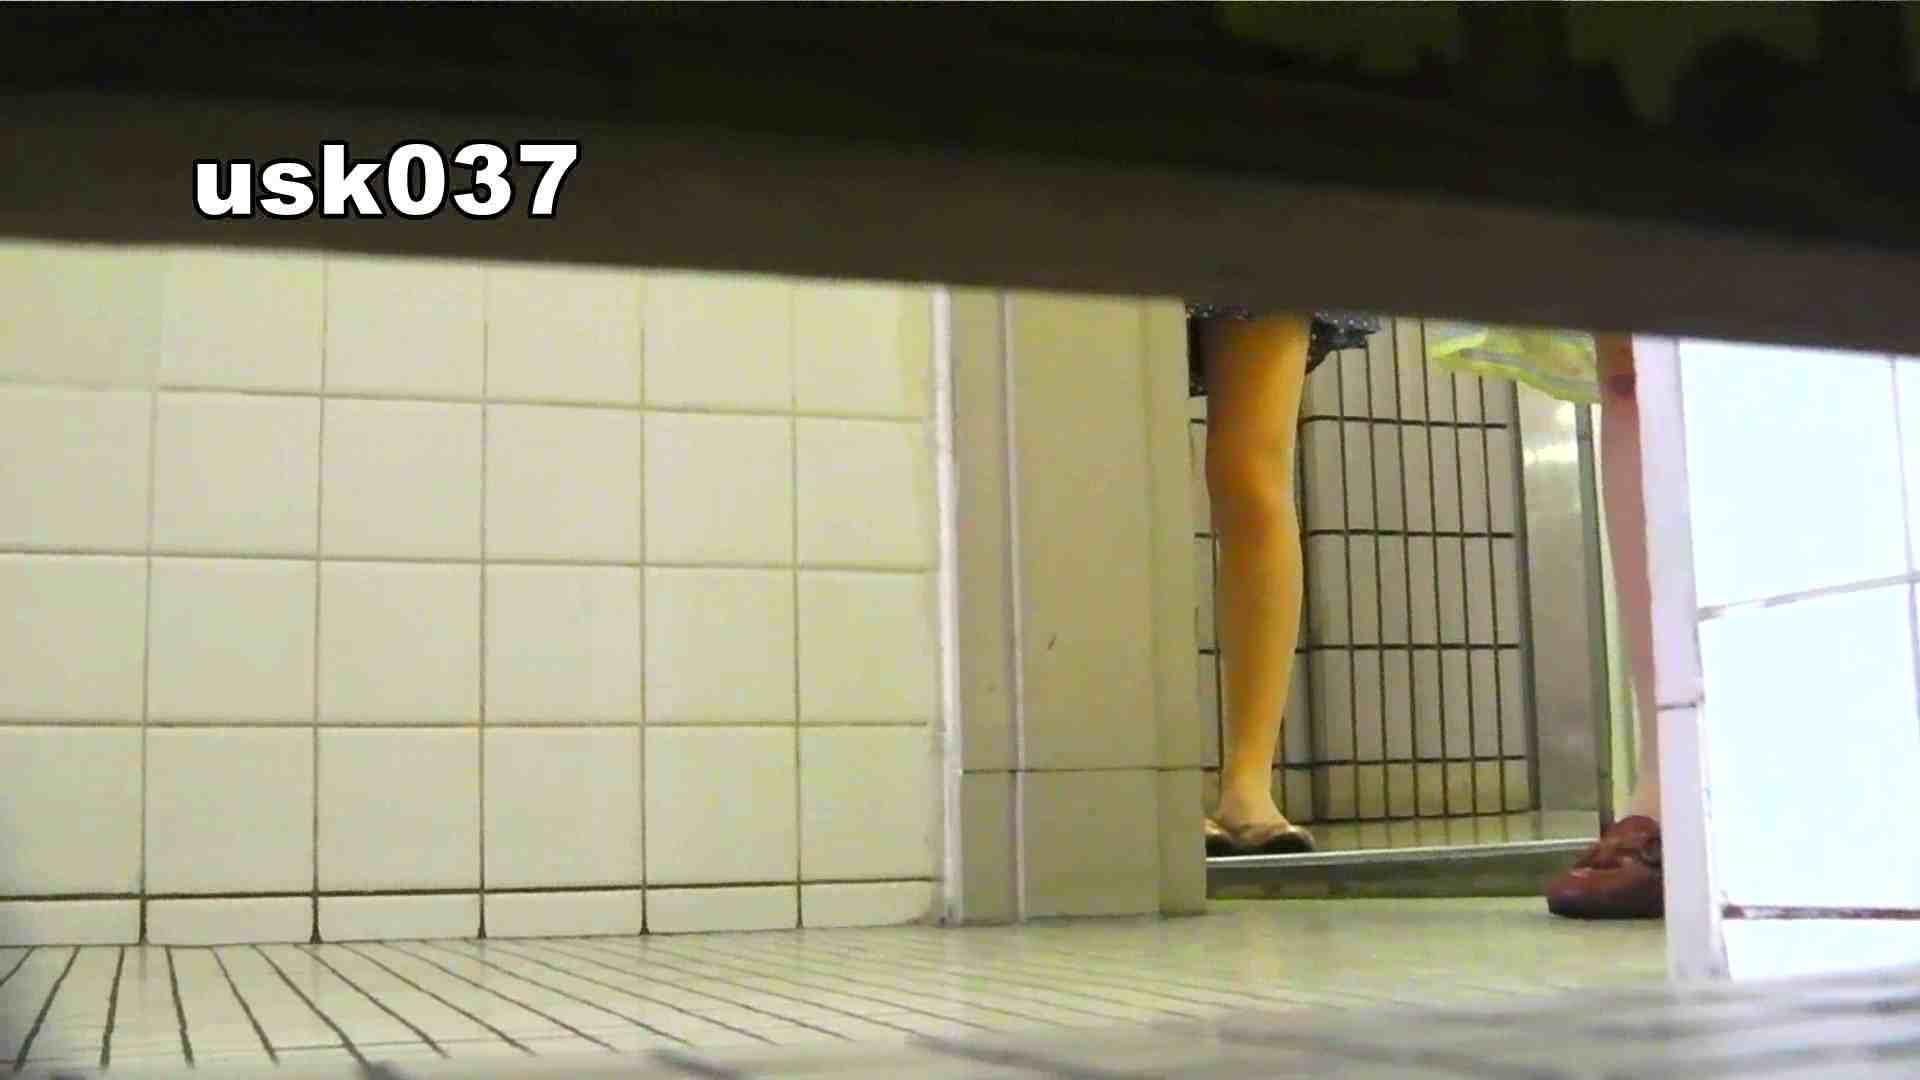 【美しき個室な世界】 vol.037 ひねり出す様子(フトイです) 洗面所  97連発 88